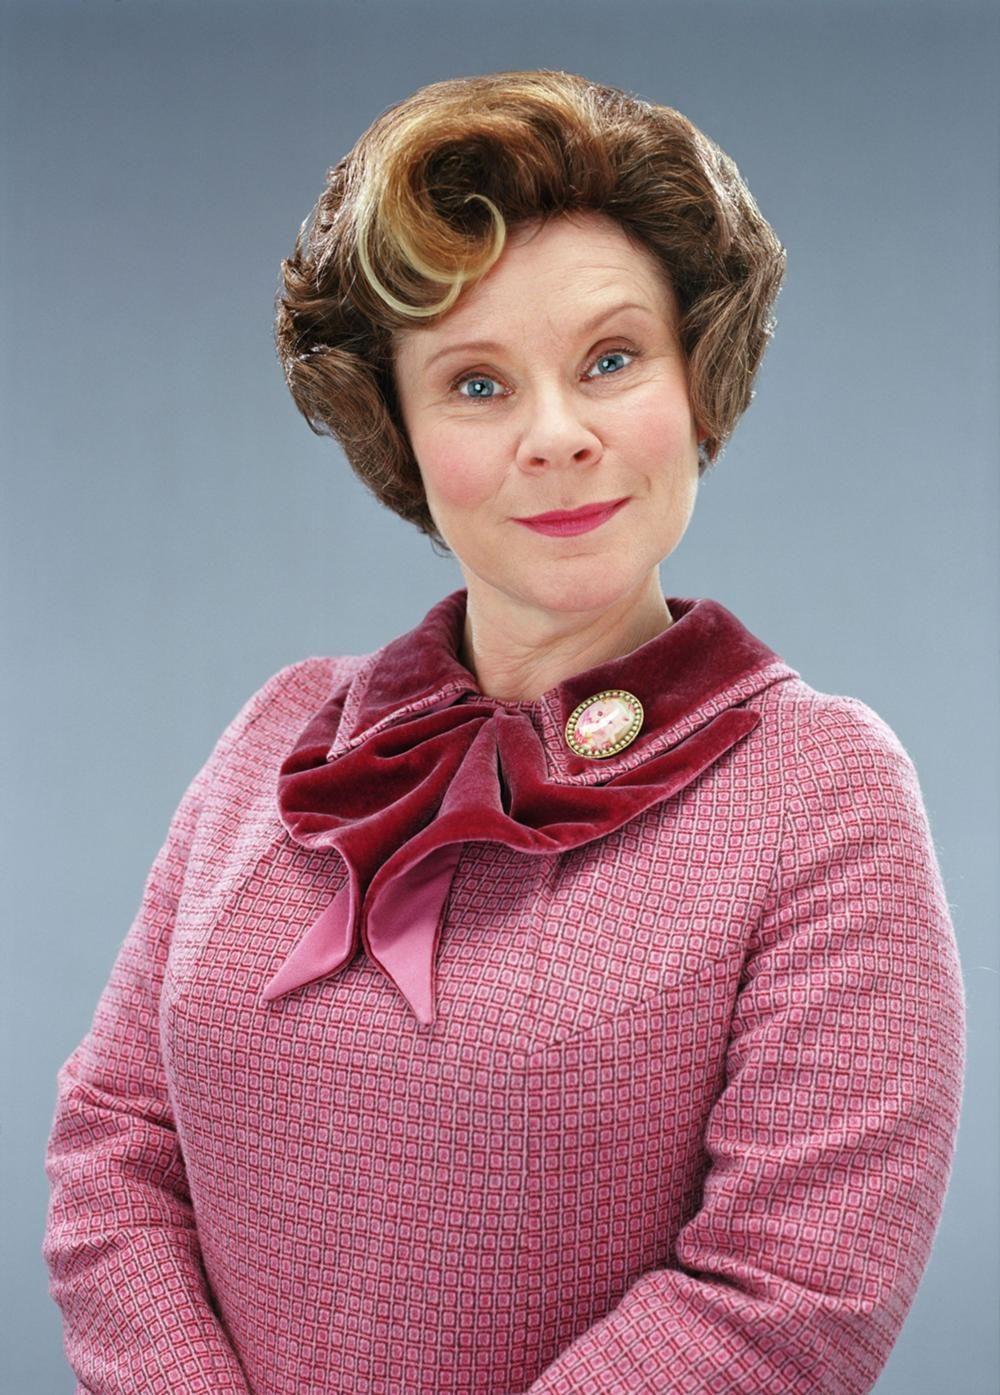 Imelda Staunton Harry Potter Characters Harry Potter Facts Imelda Staunton